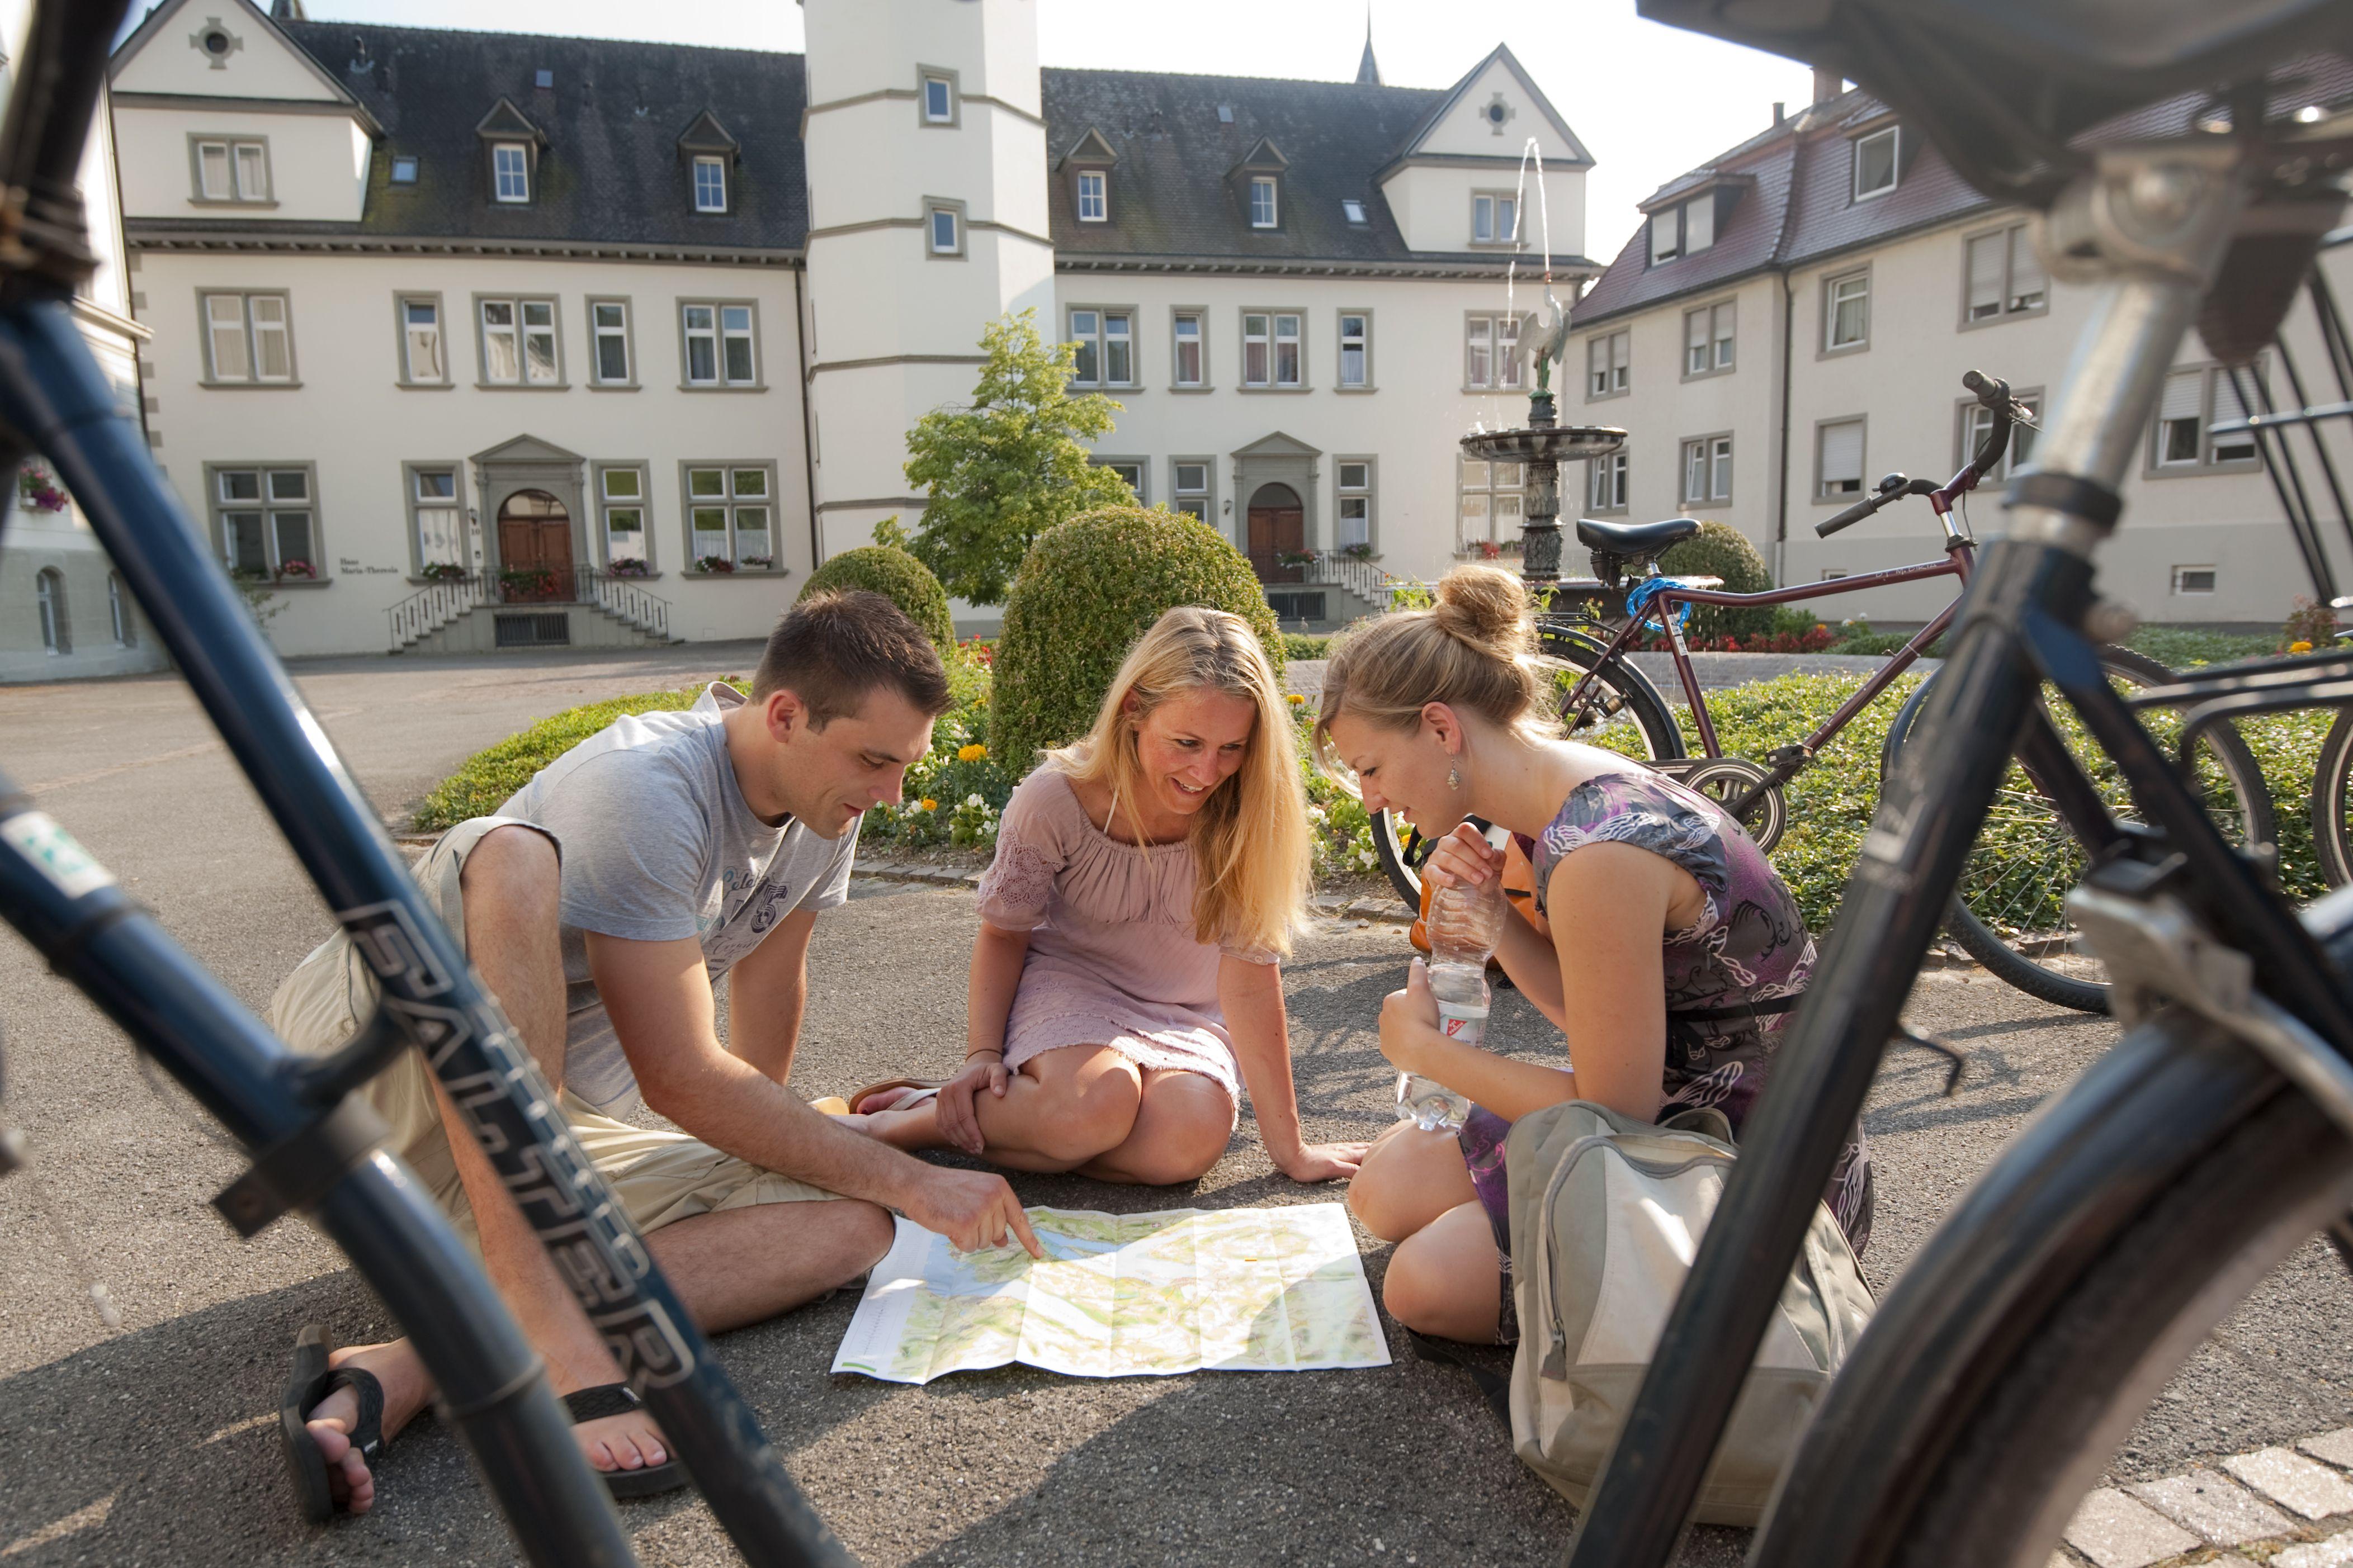 Fahrradfahrer 4Hegne 1060-2010, Fahrradfahrer im Klosterhof